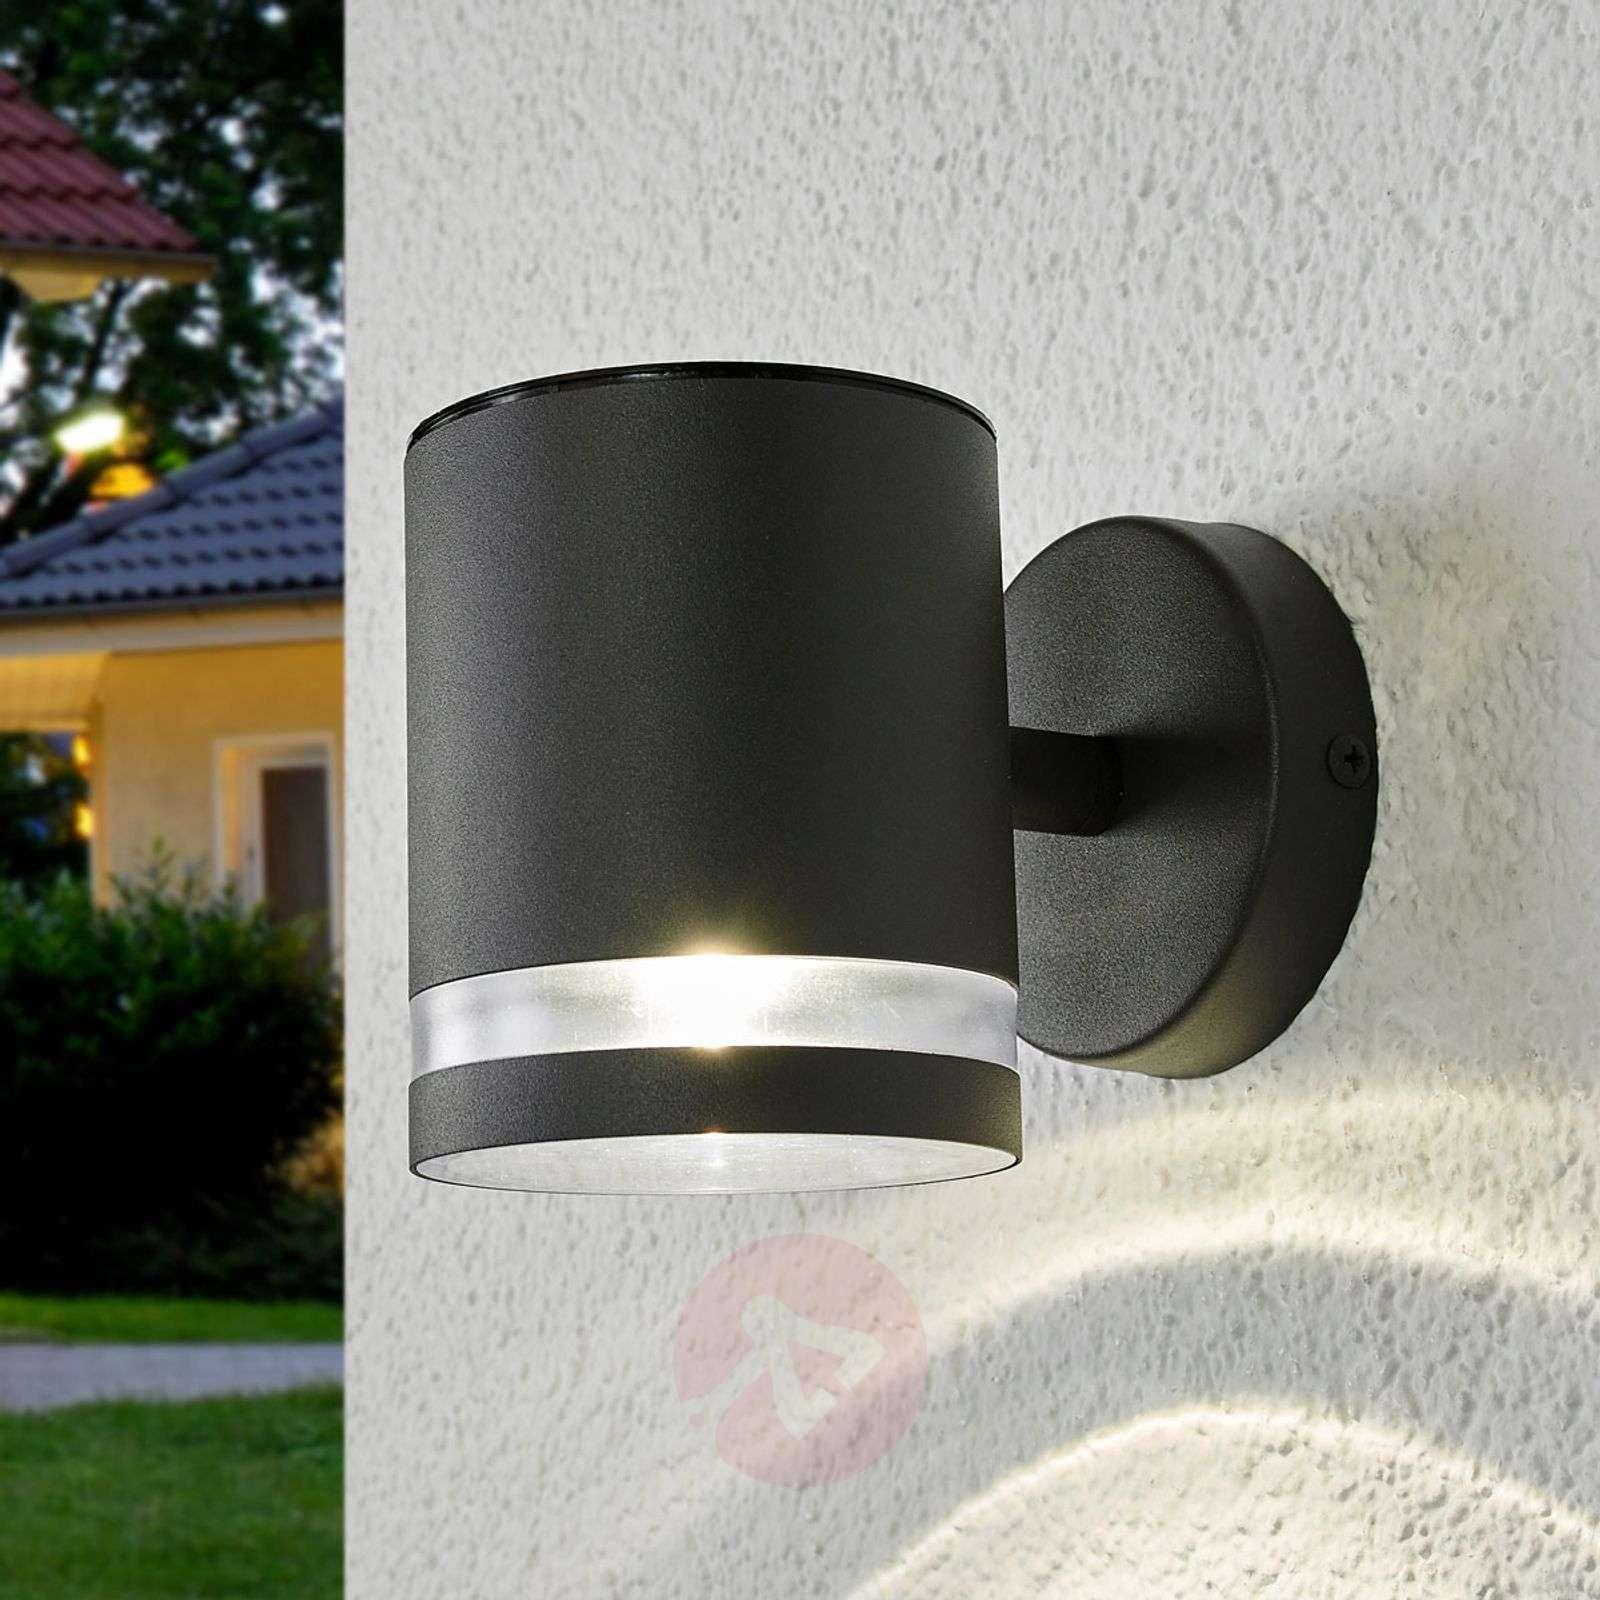 Harmaa aurinkokäyttöinen LED-ulkoseinävalo Melinda-9945269-01